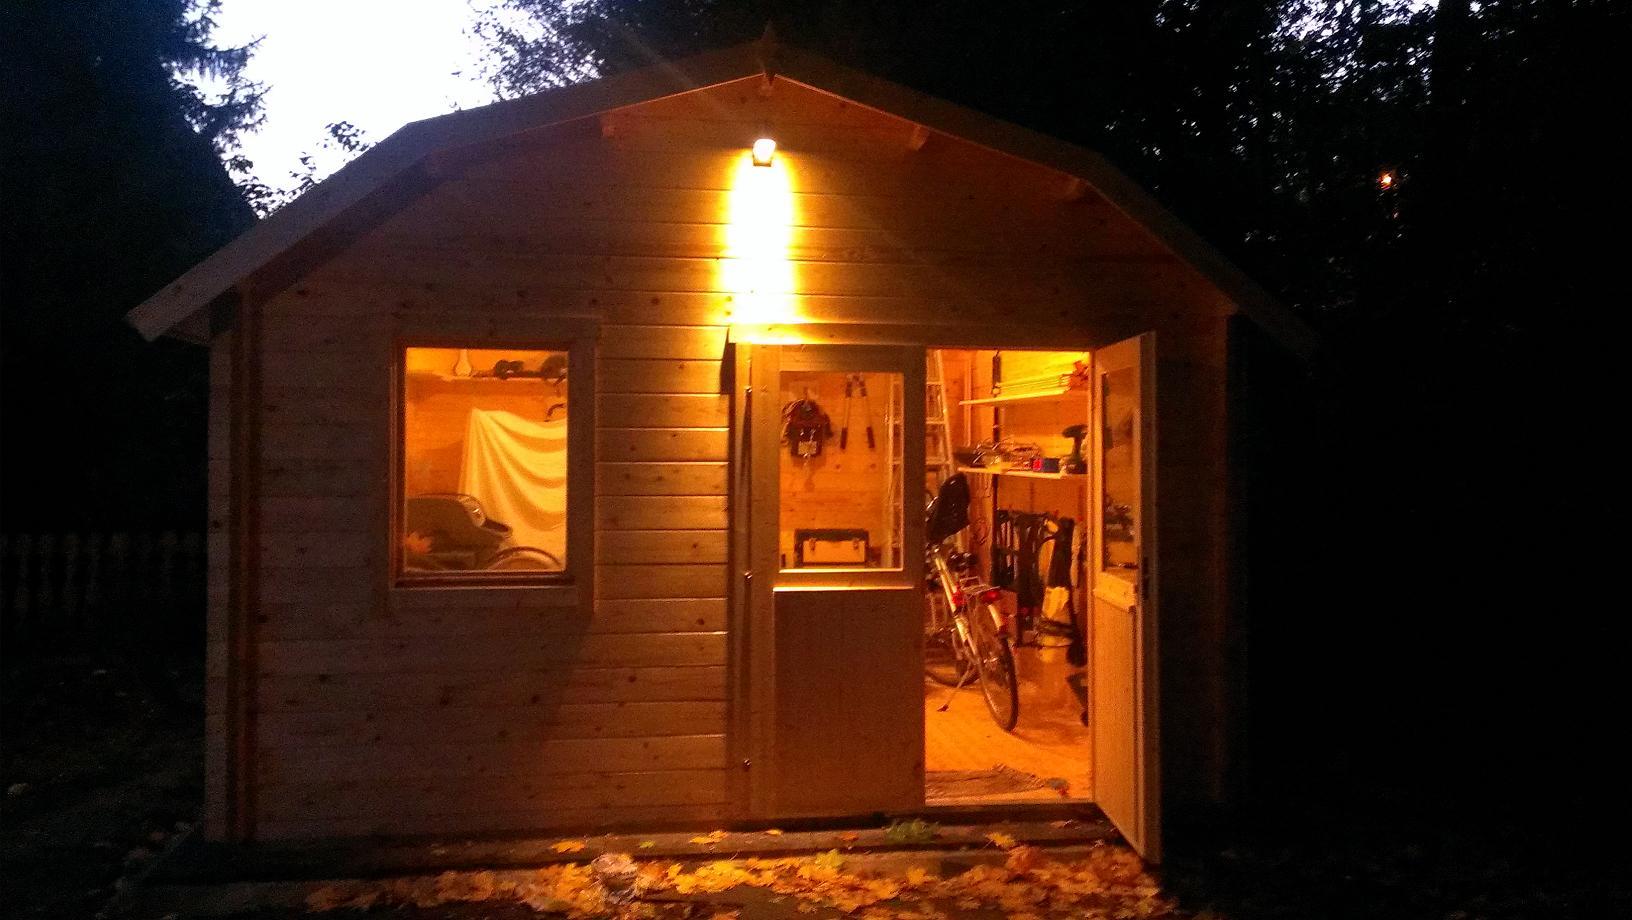 gartenhaus doppelt r gegen einbruch sichern plauderecke. Black Bedroom Furniture Sets. Home Design Ideas